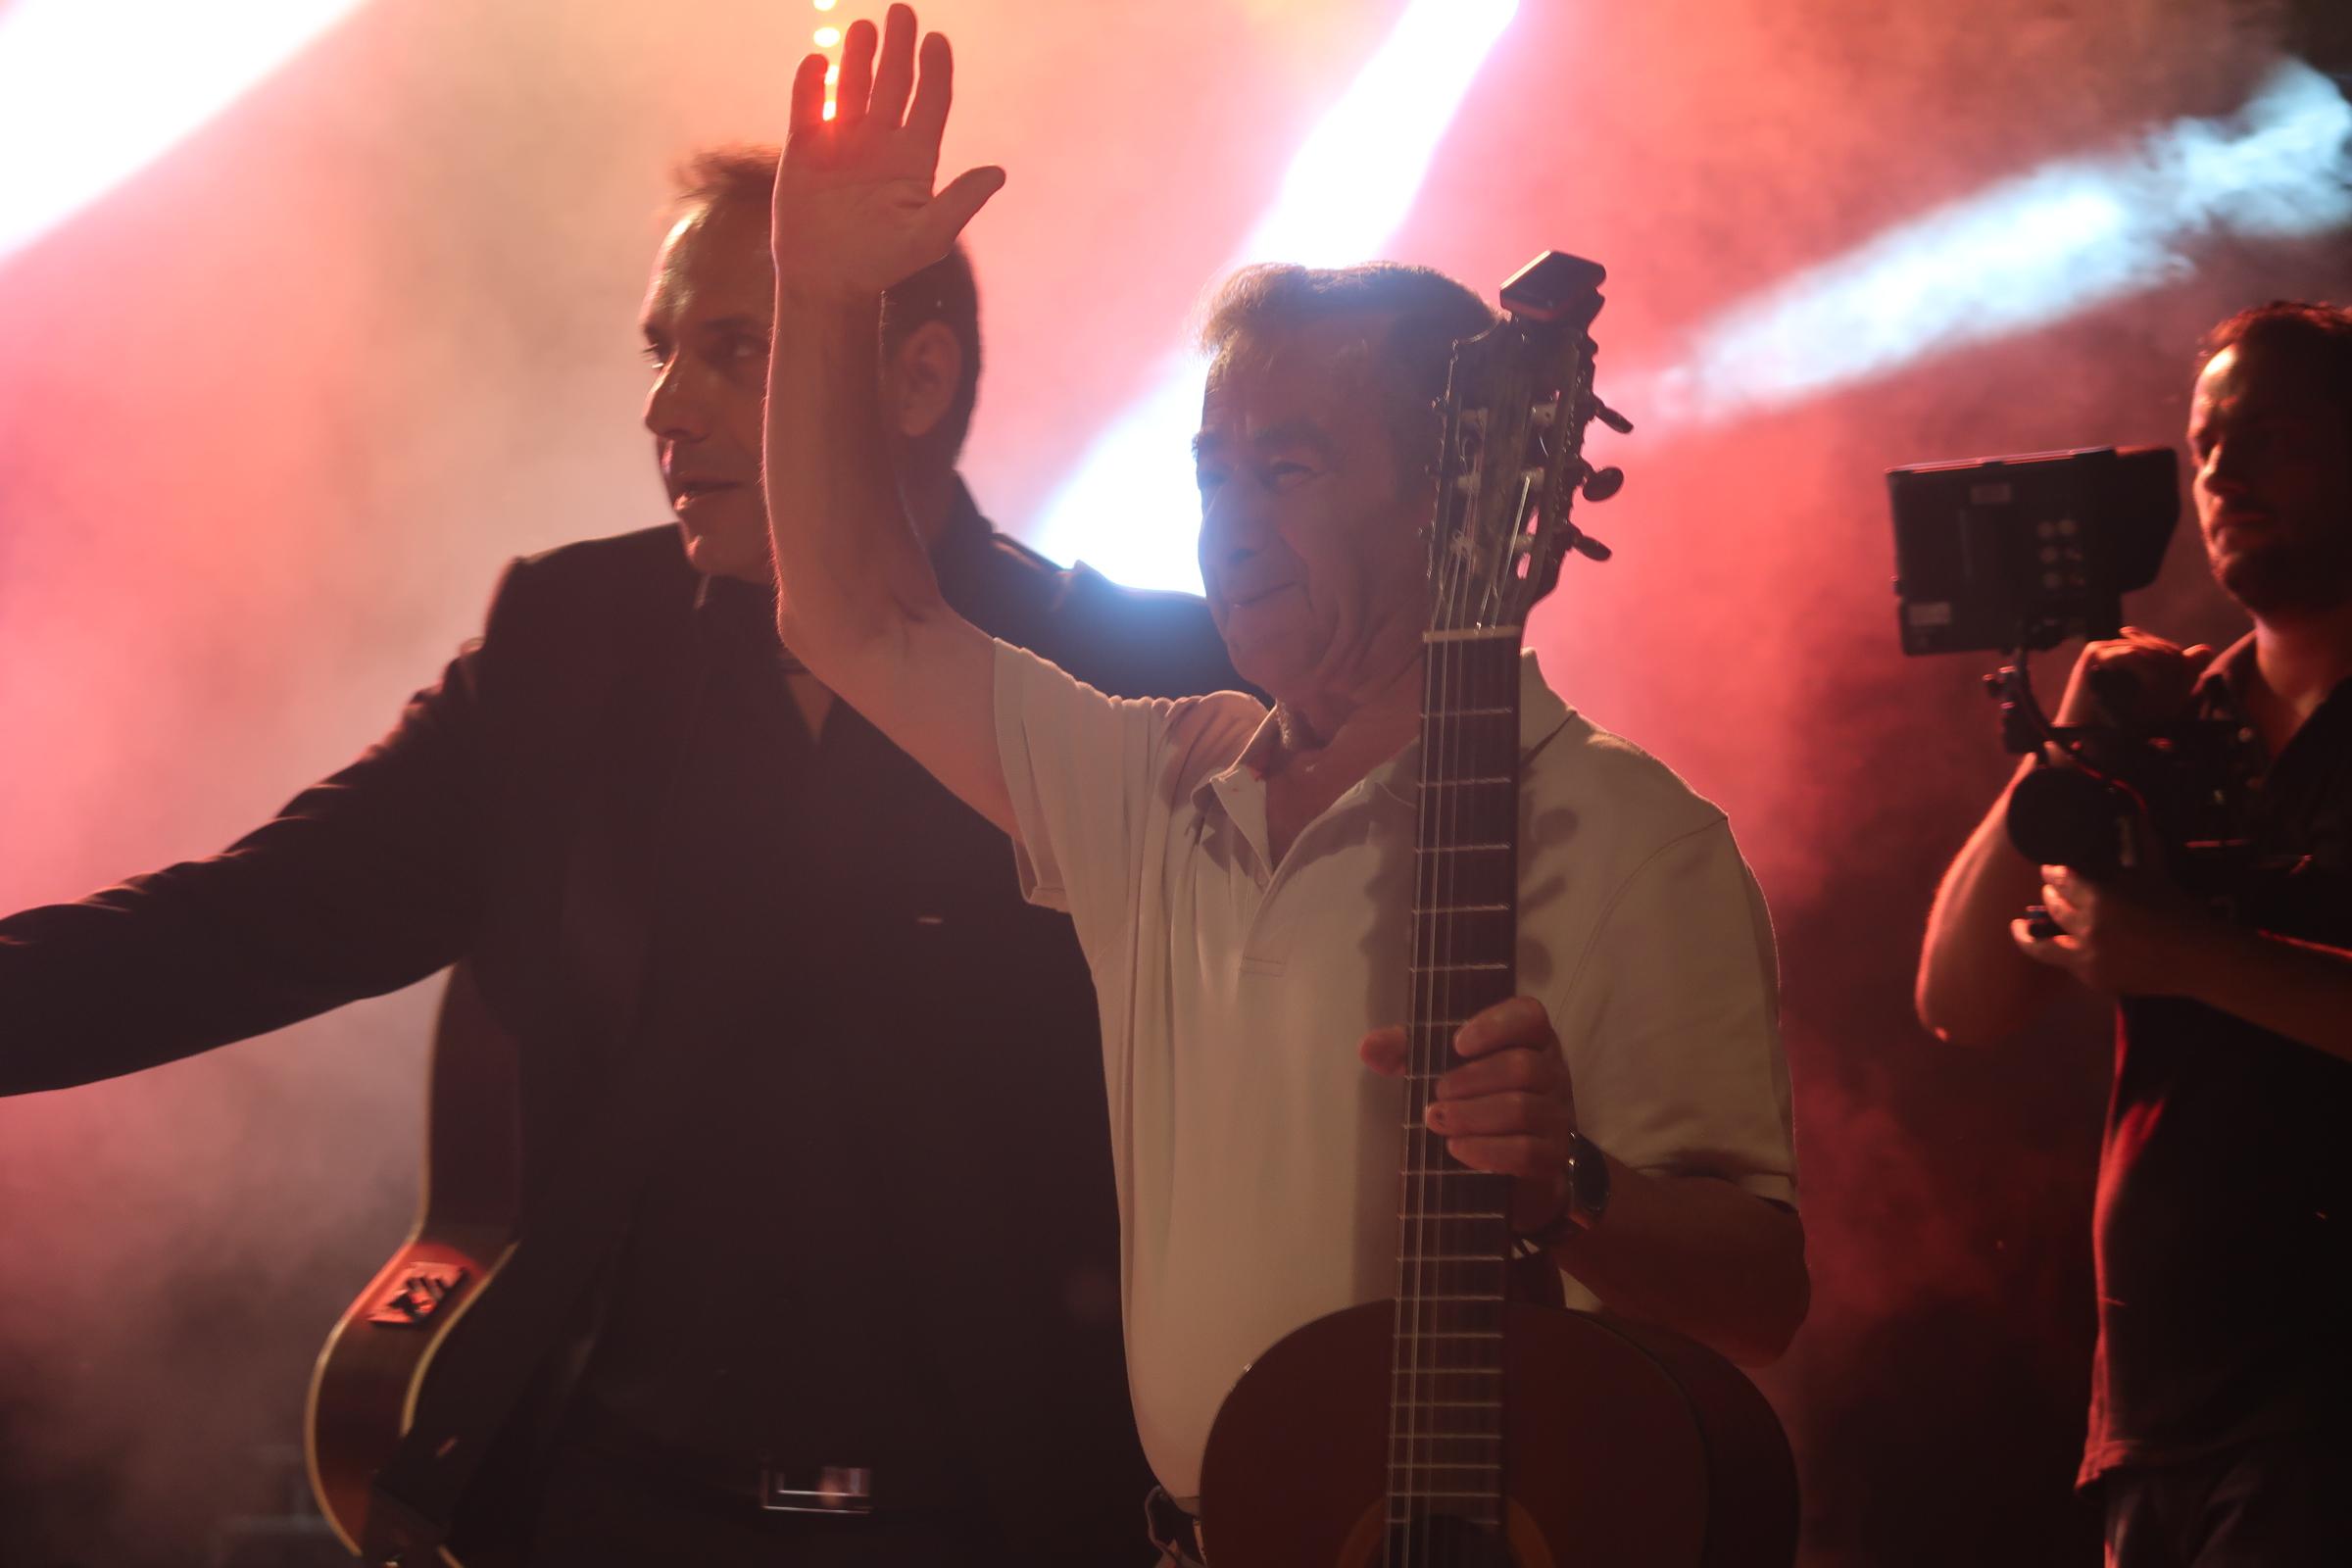 Η πιο συγκινητική στιγμή στη συναυλία του Pavlo (βίντεο)